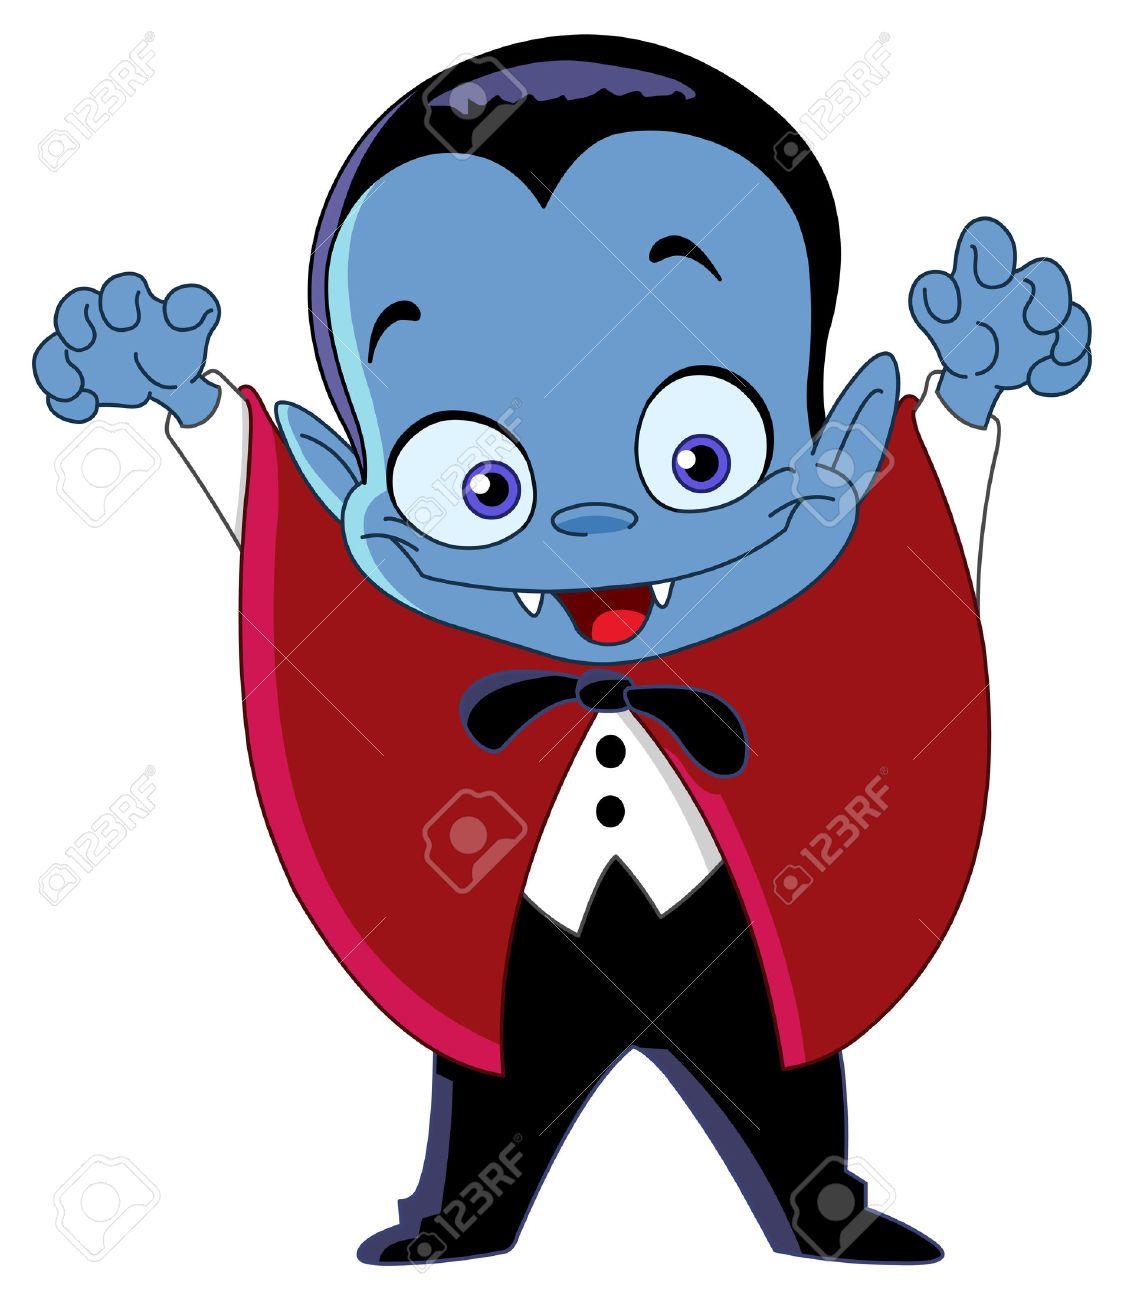 vampire kid by yayayoyo cartoon vampire kid - Vampire Pictures For Kids